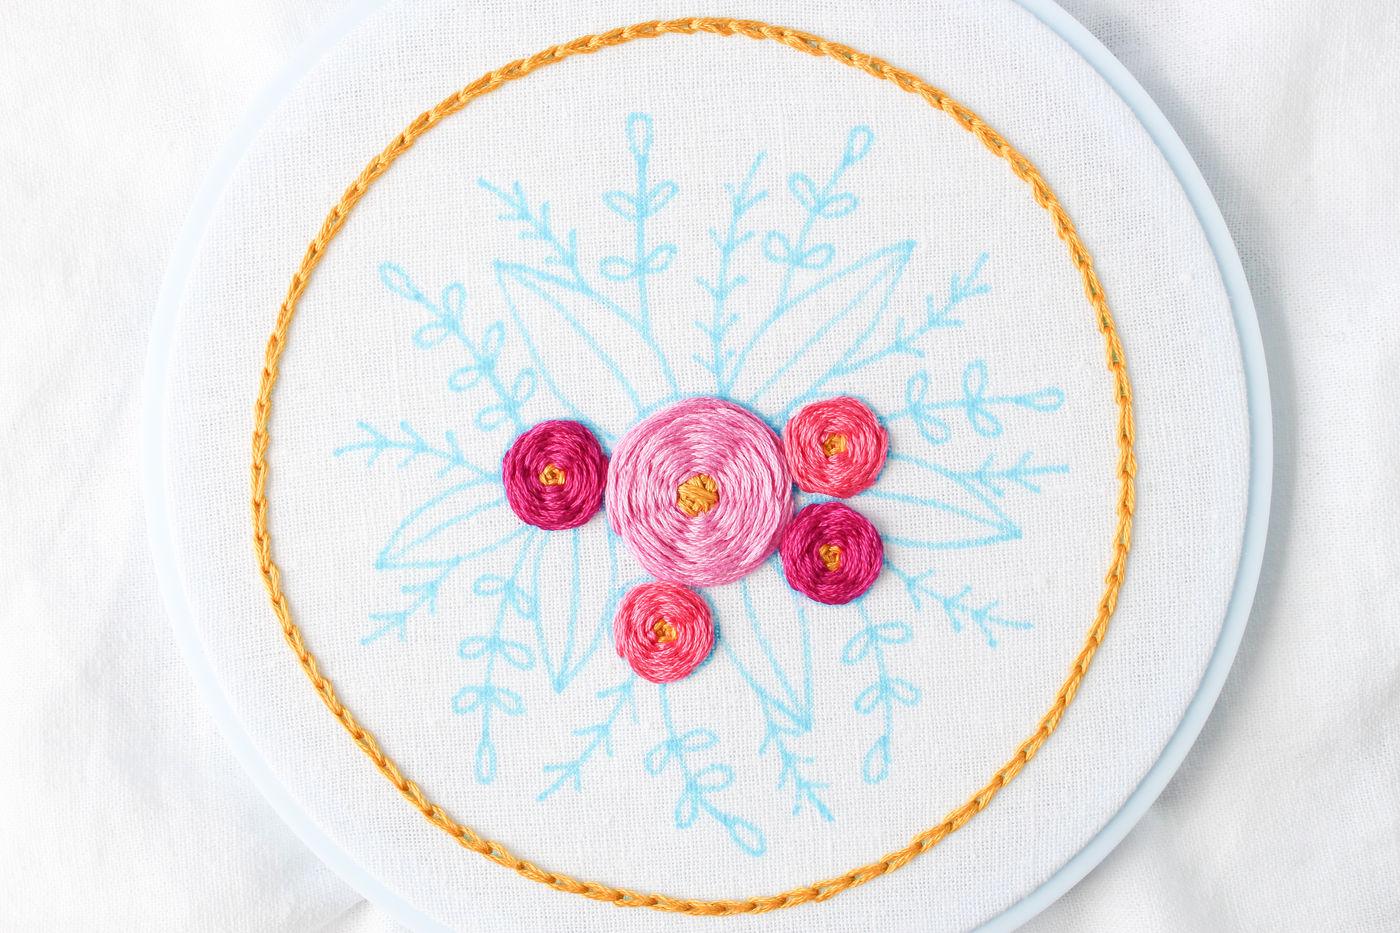 Woven Spider Wheels (Flower) Stitch